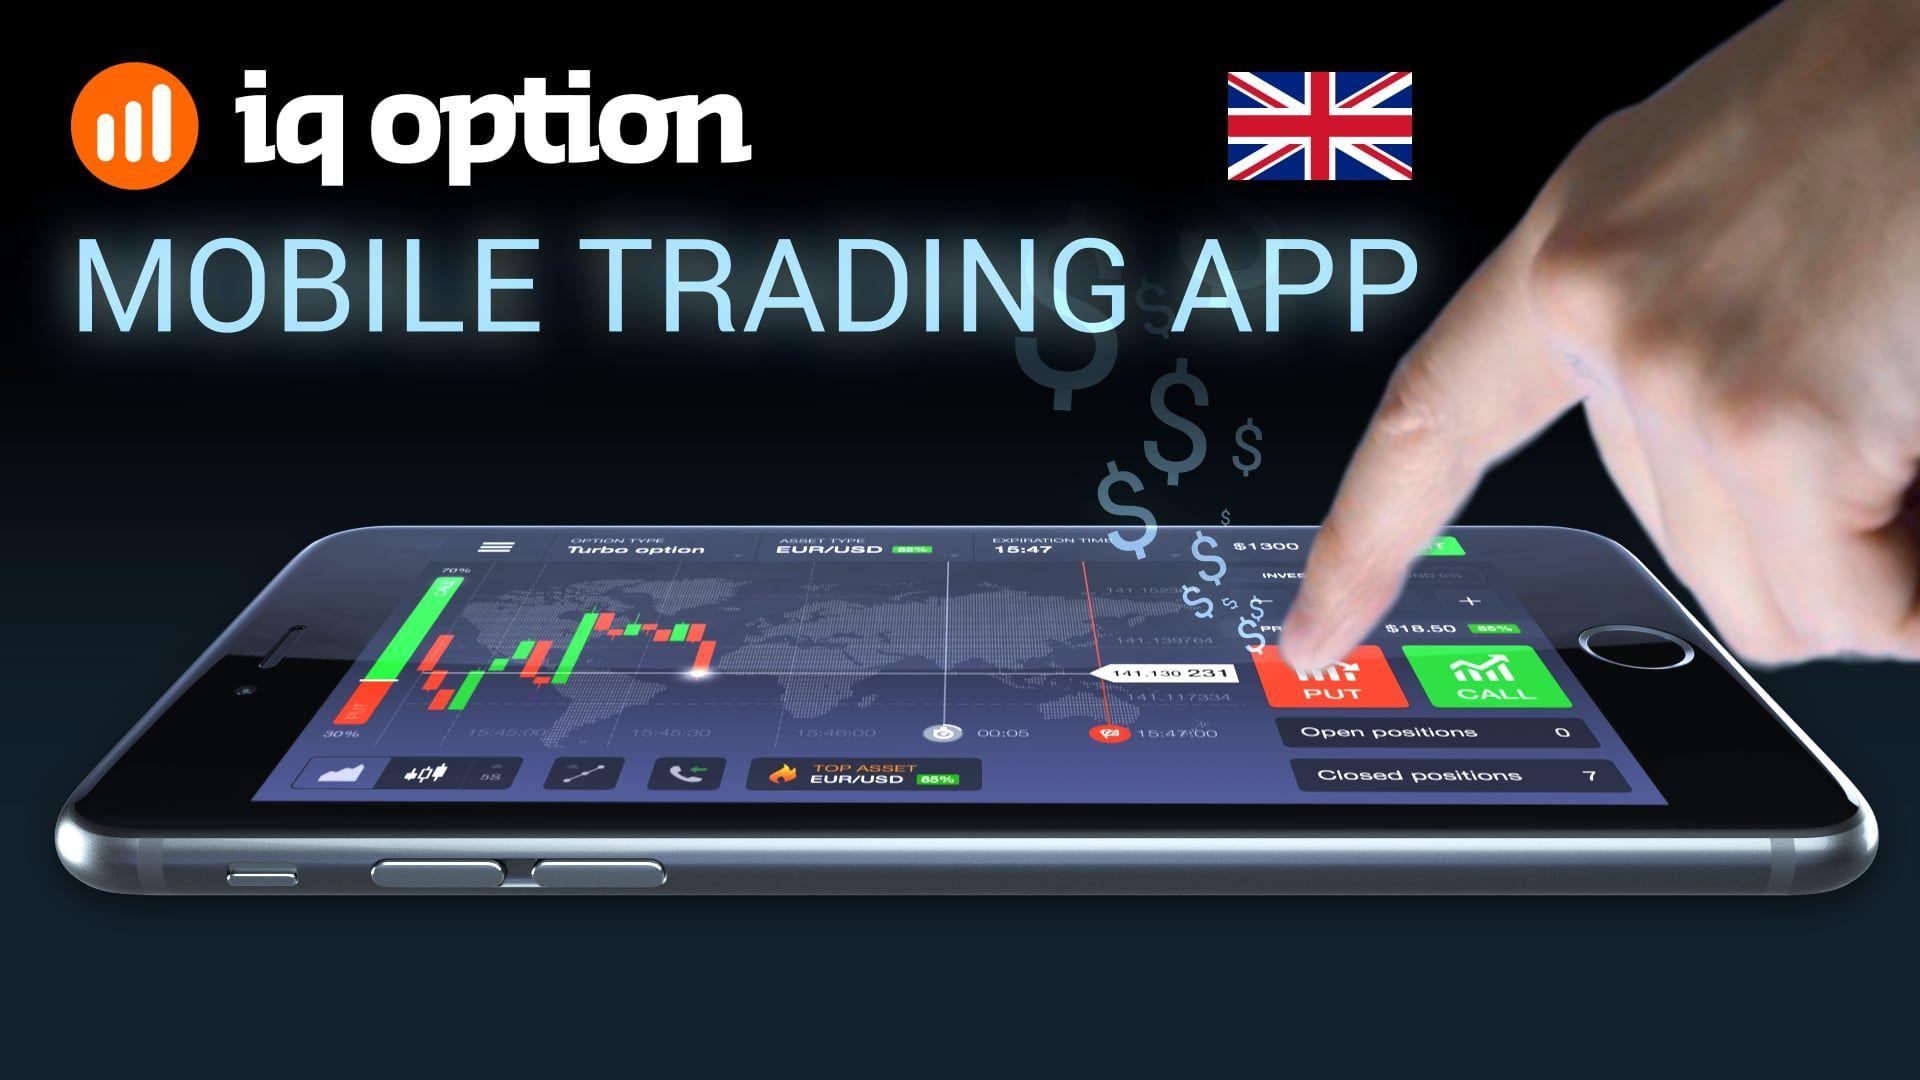 Mobile trading app. IQ Option